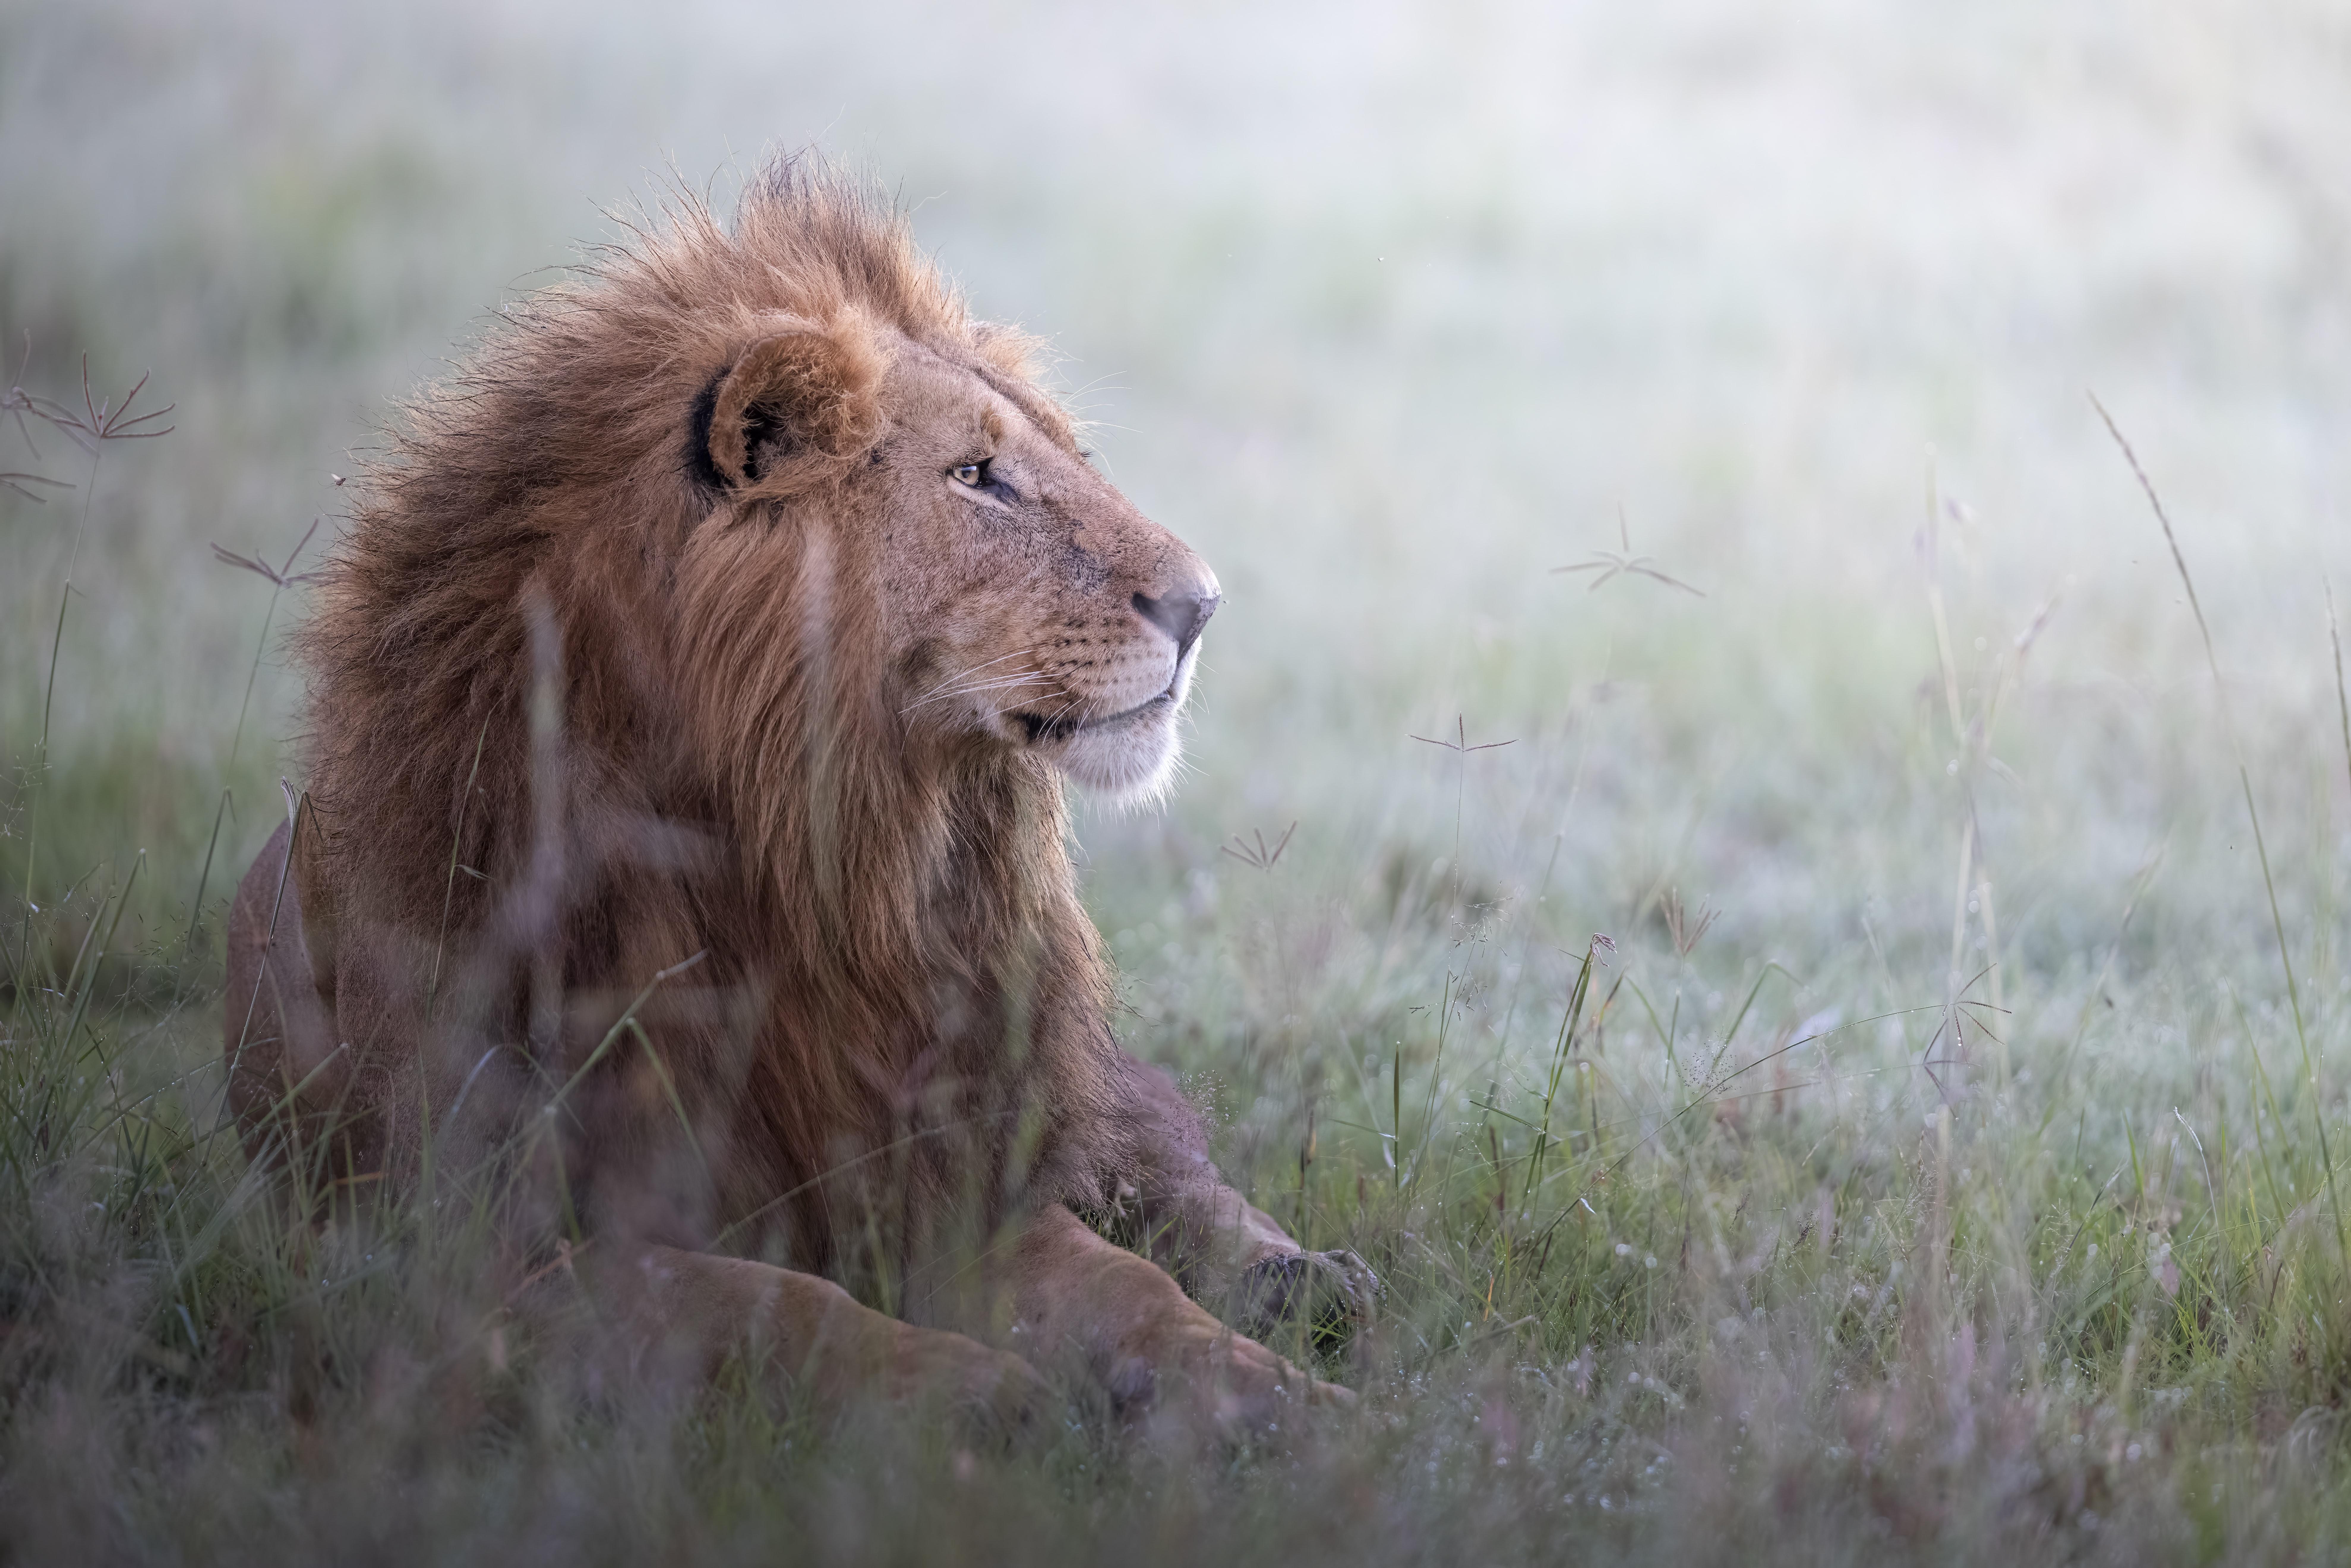 74422 Protetores de tela e papéis de parede Rei Das Feras em seu telefone. Baixe Animais, Leão, Um Leão, Predator, Predador, Animais Selvagens, Vida Selvagem, Animal, Rei Das Feras, Rei Das Bestas fotos gratuitamente